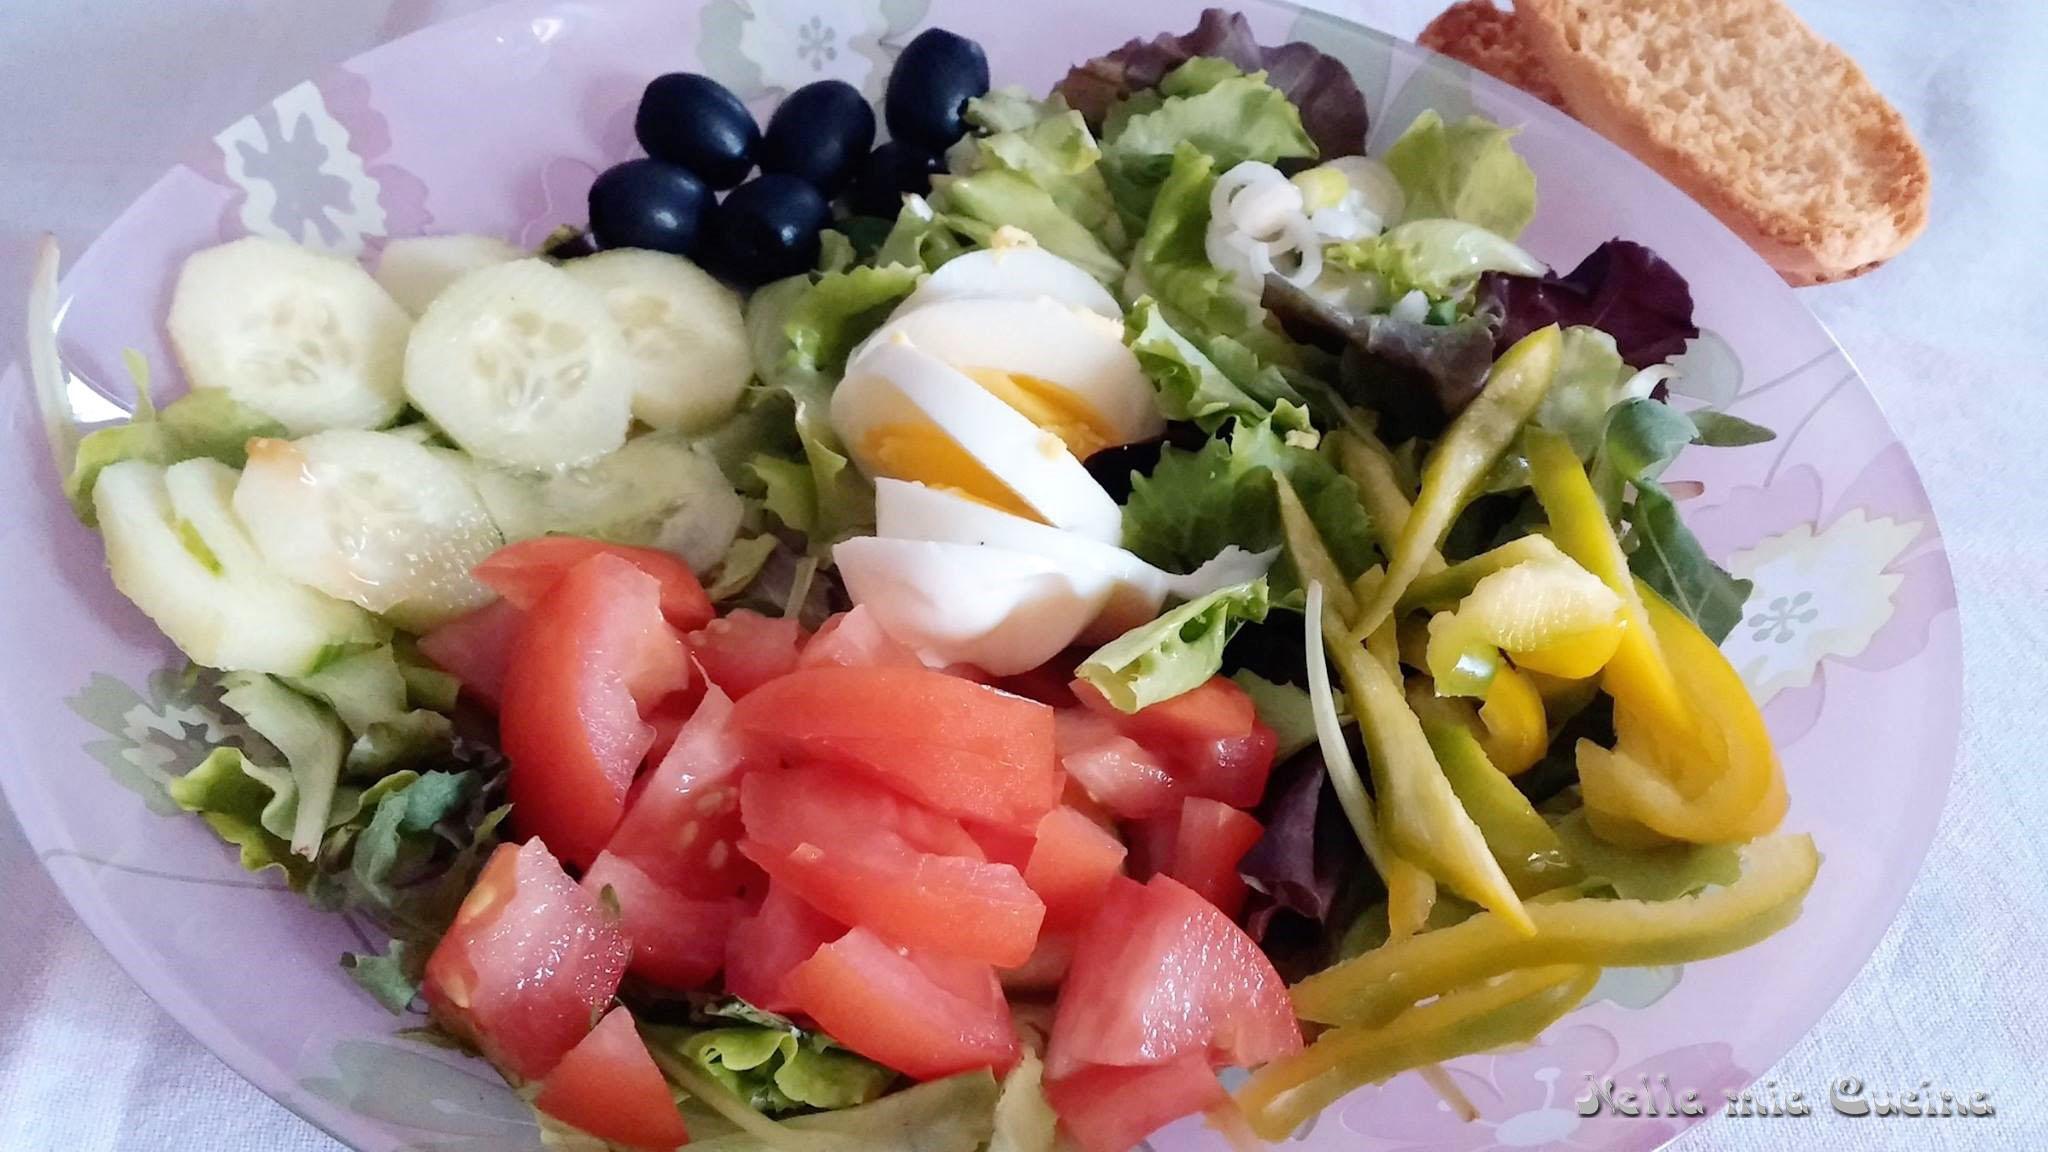 Insalata e uova - ricetta semplice estiva